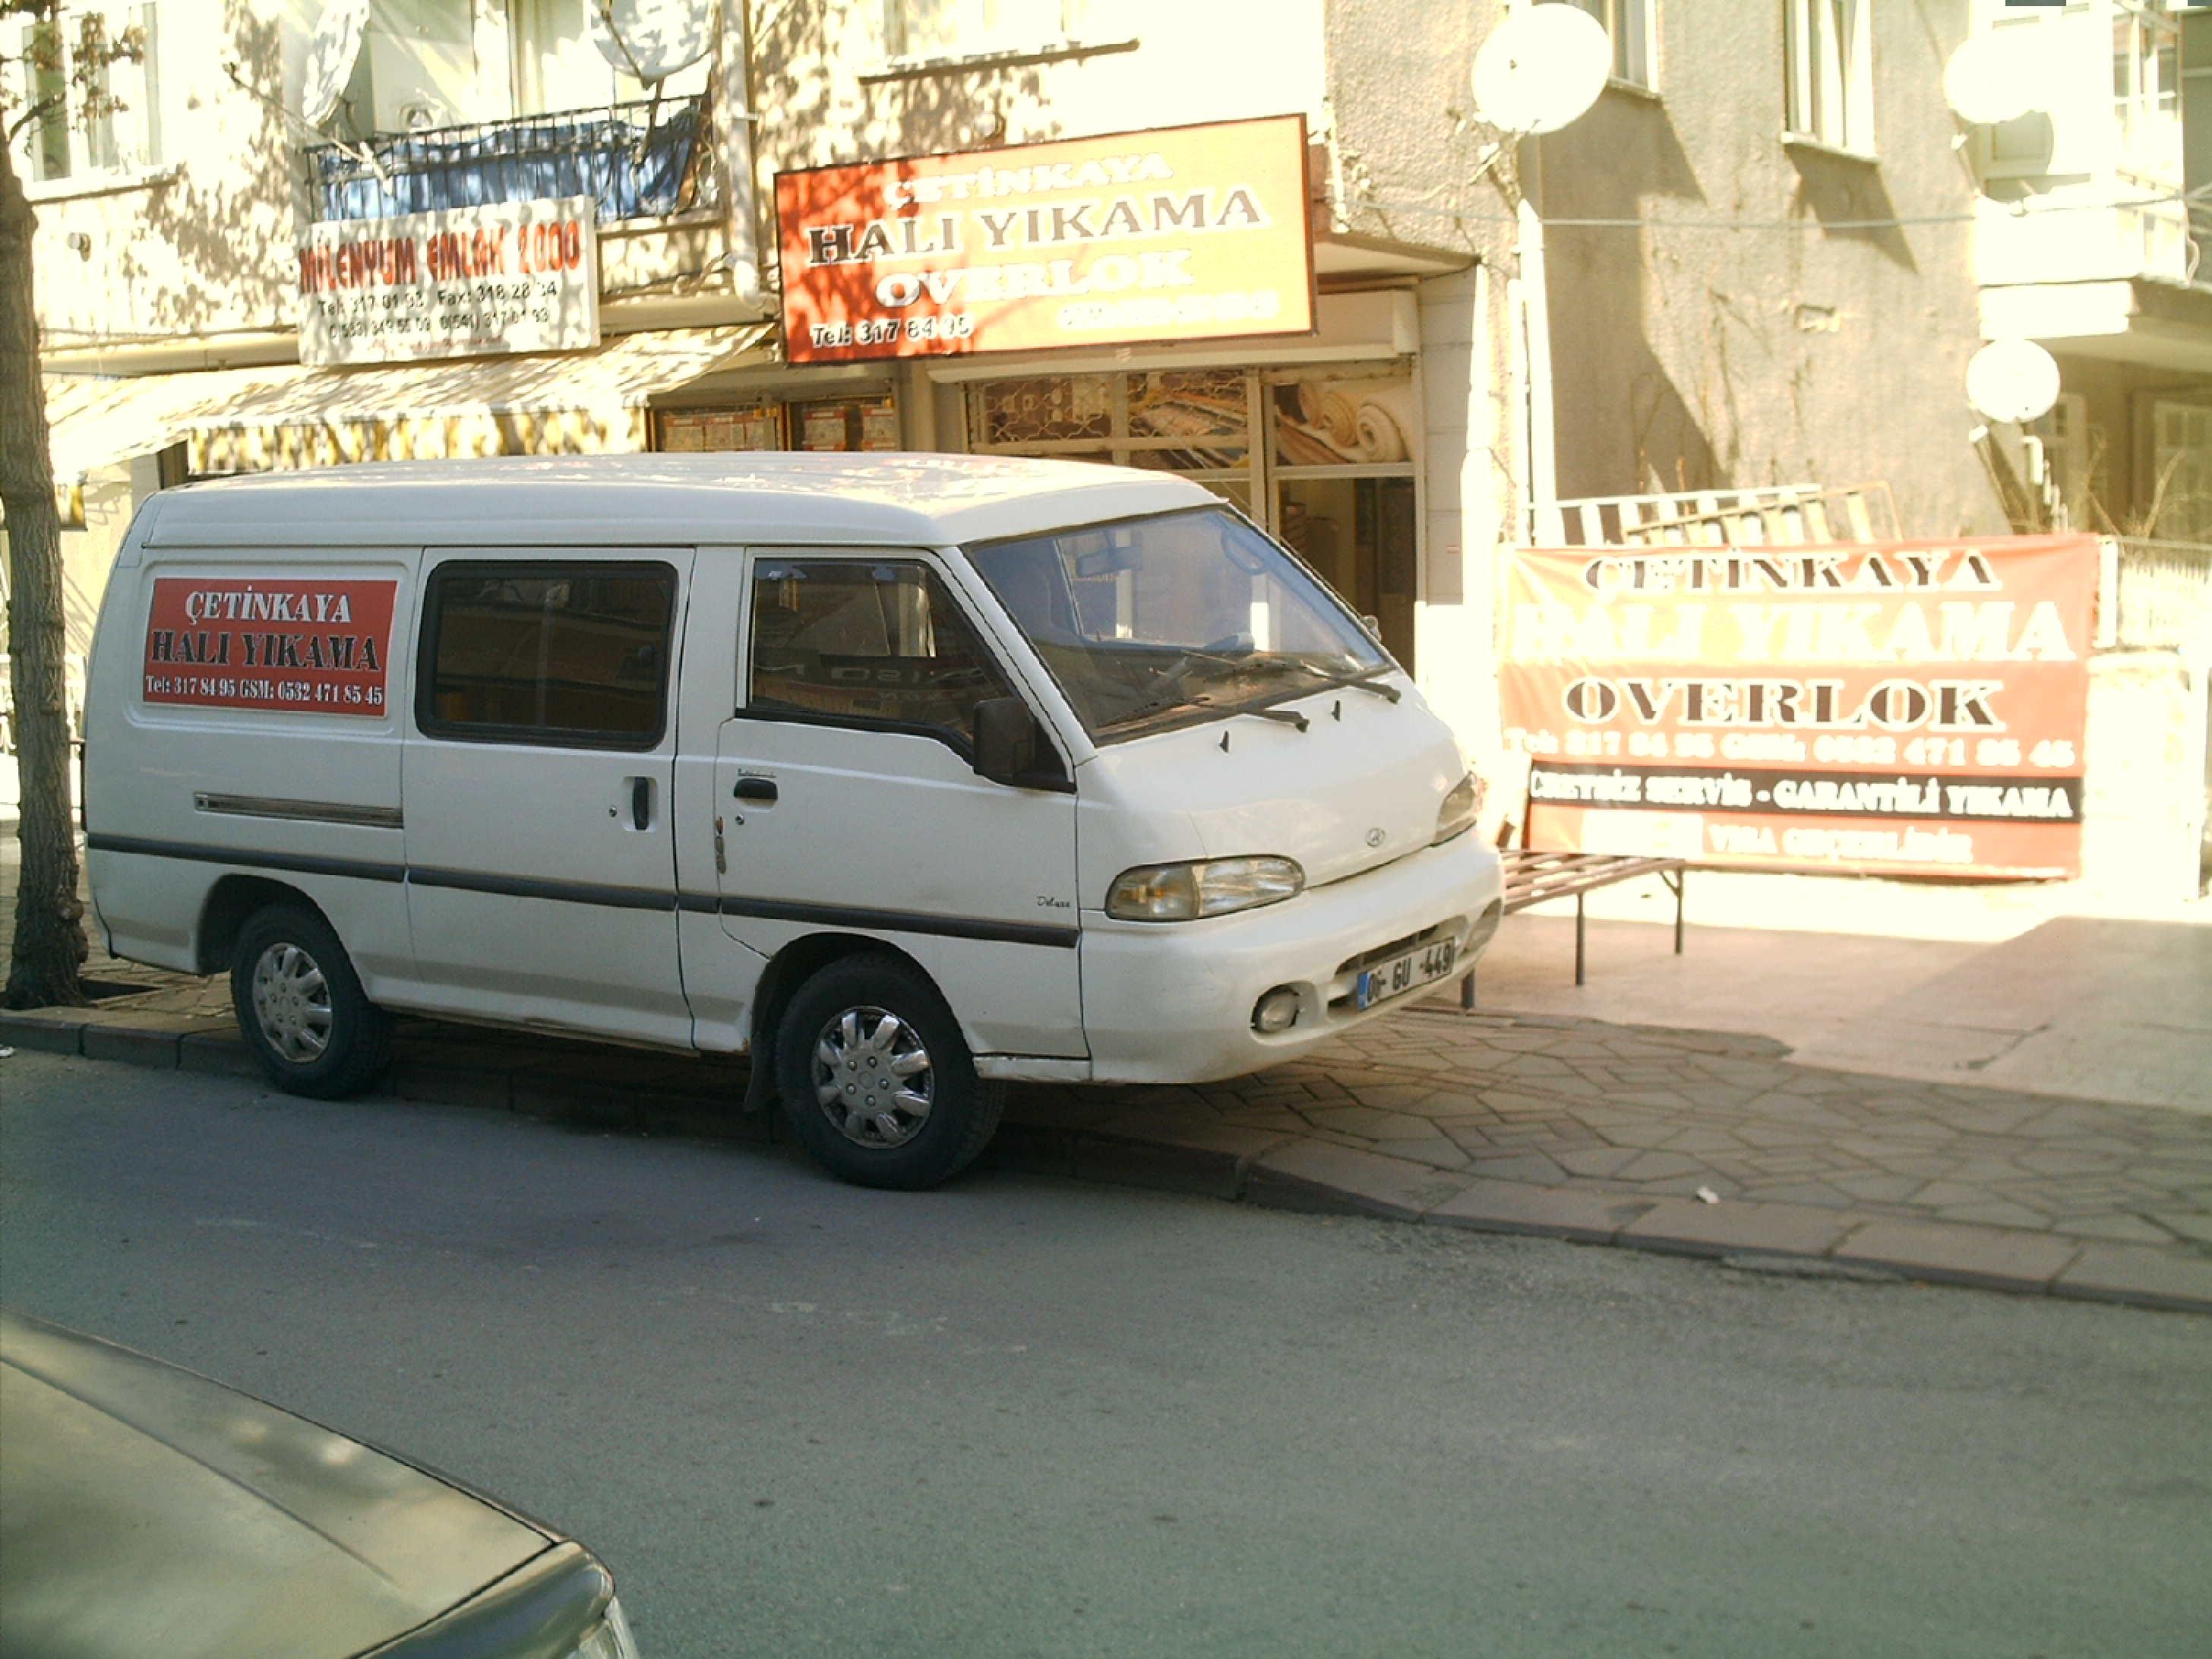 besikkaya_hali_yikama_servis-1